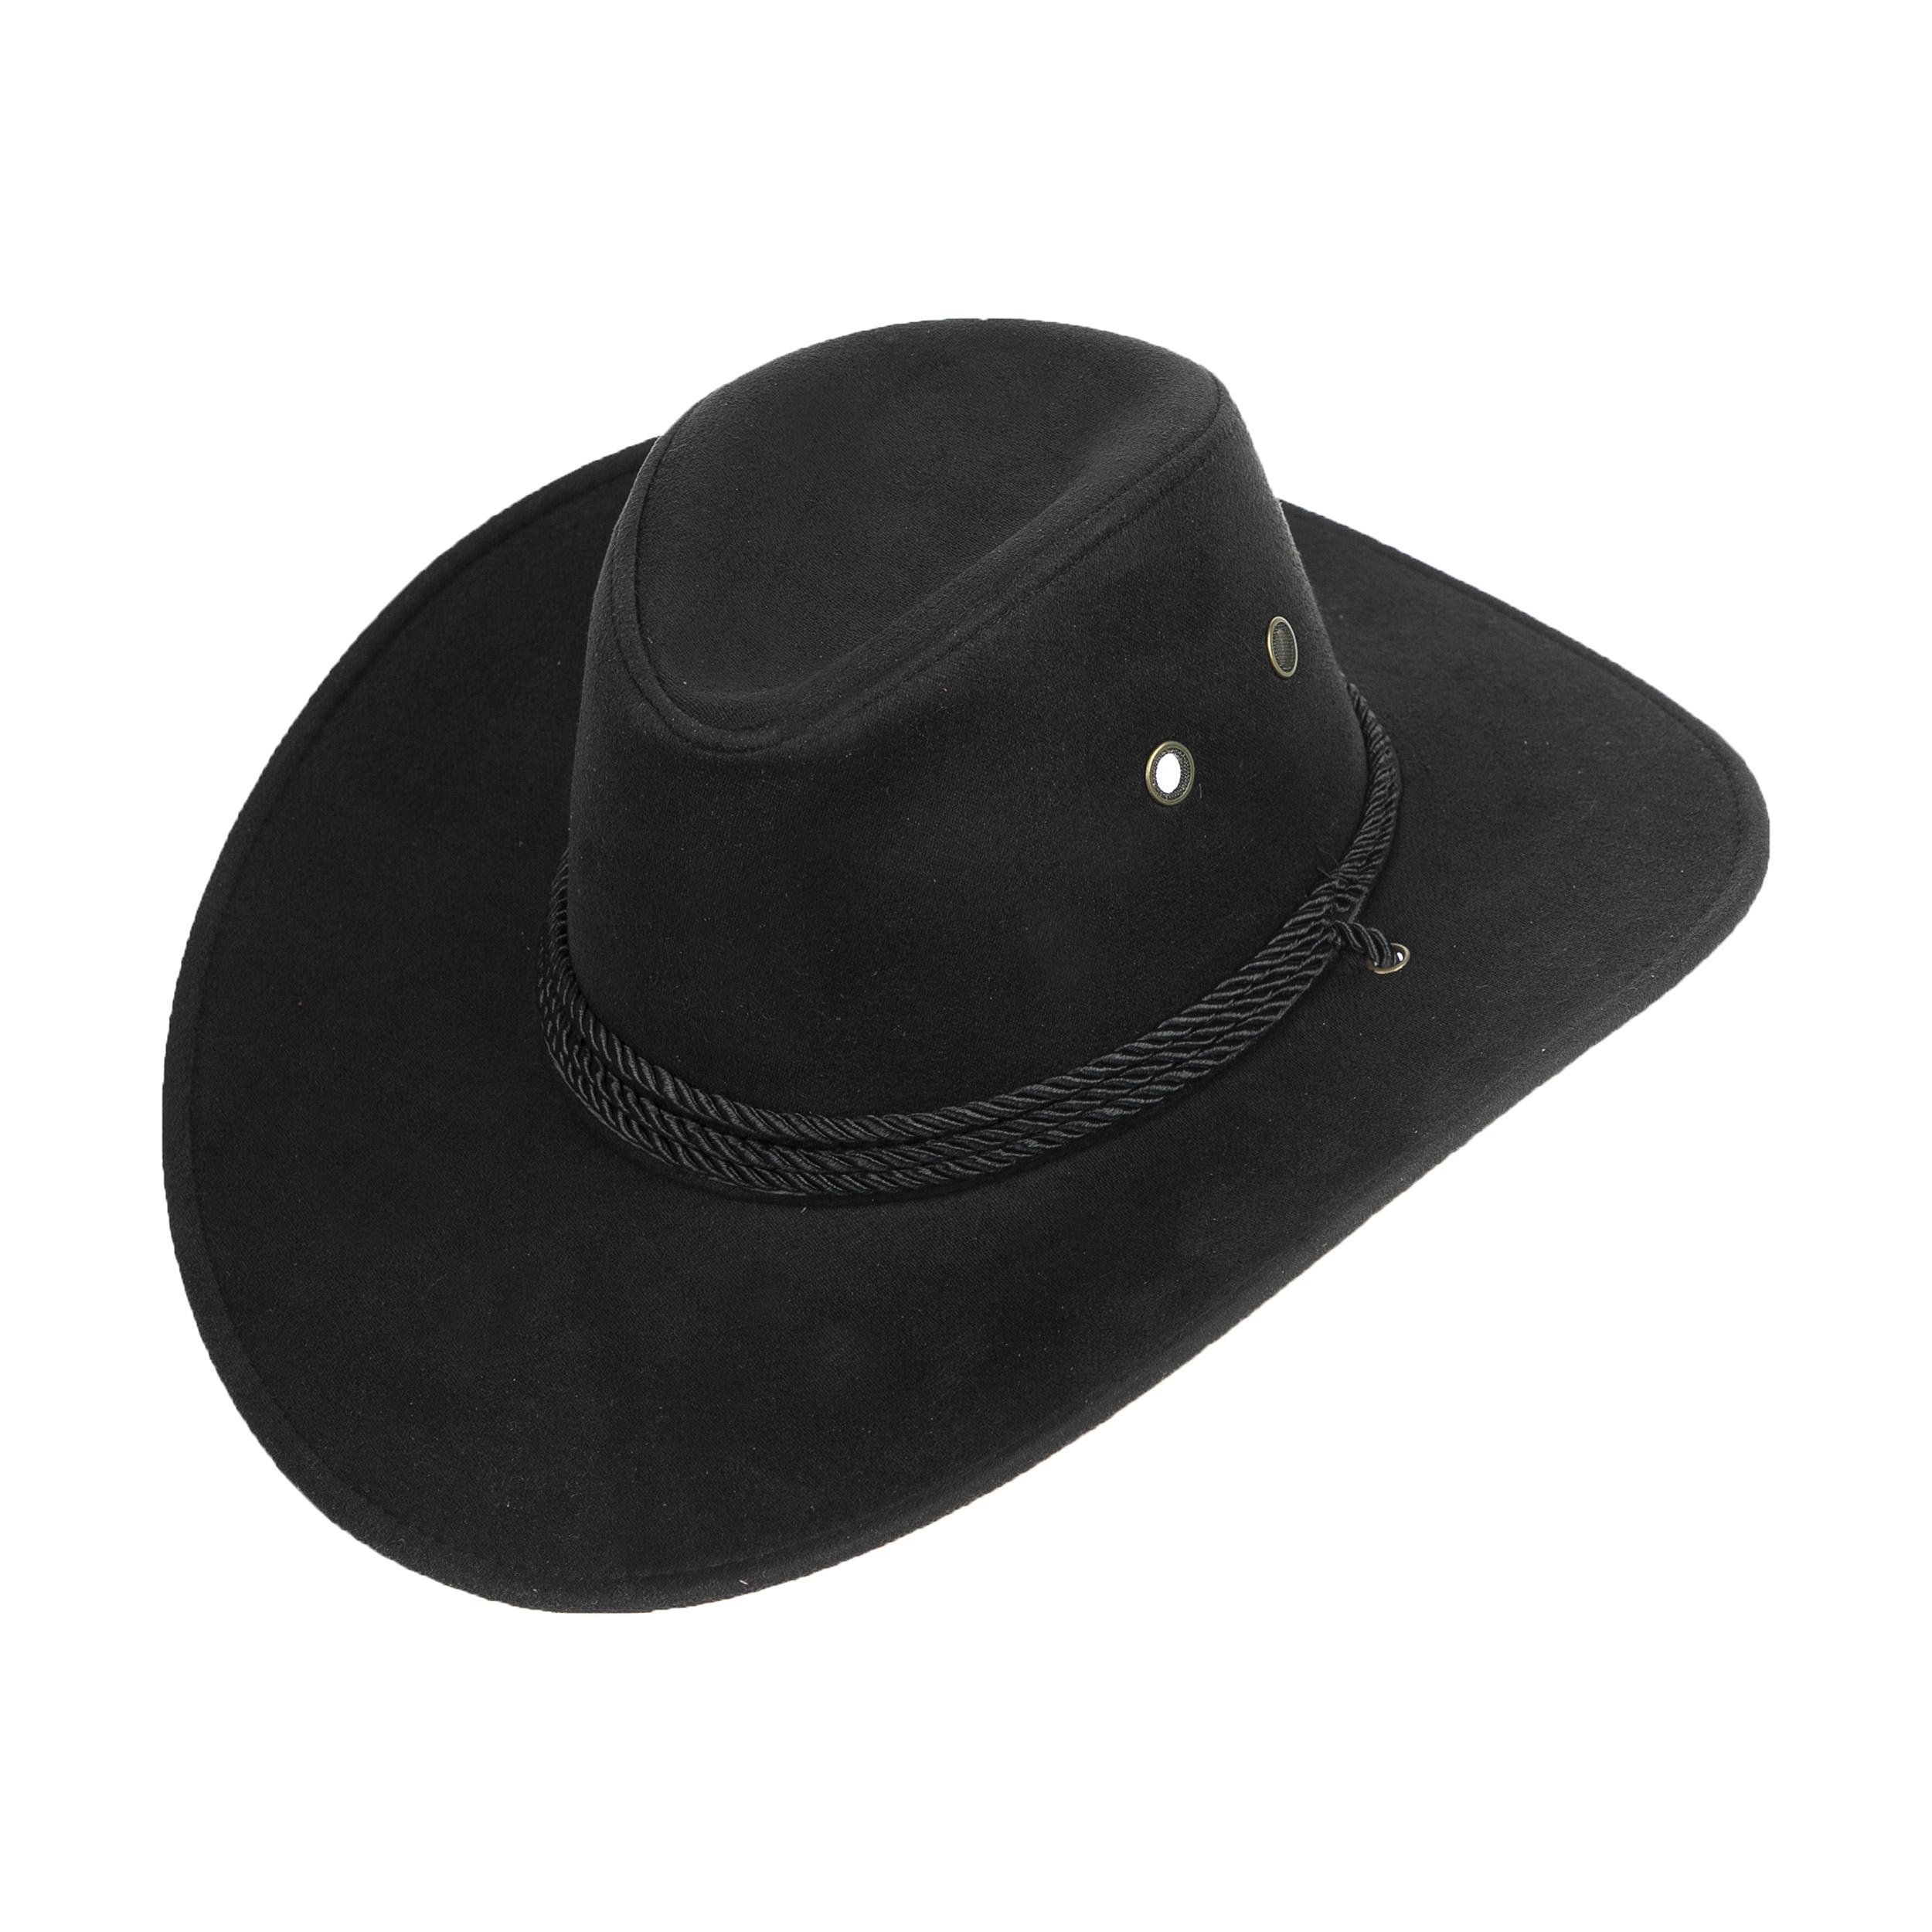 کلاه مردانه کد btt 47-1